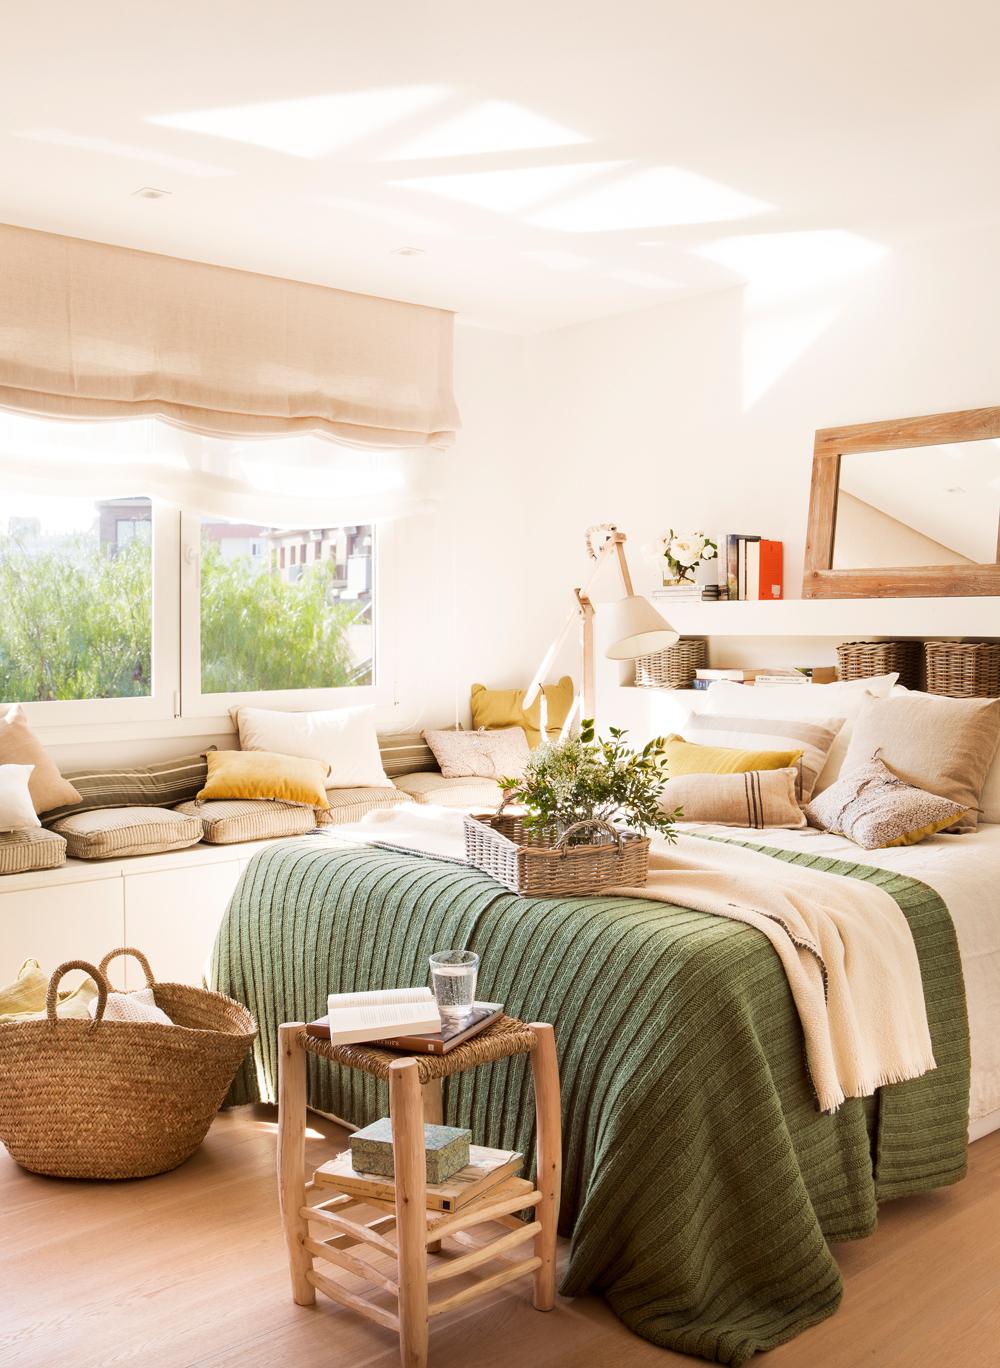 00423935. Dormitorio con banco bajo ventana, ropa de cama de lana y cabecero para guardar 00423935